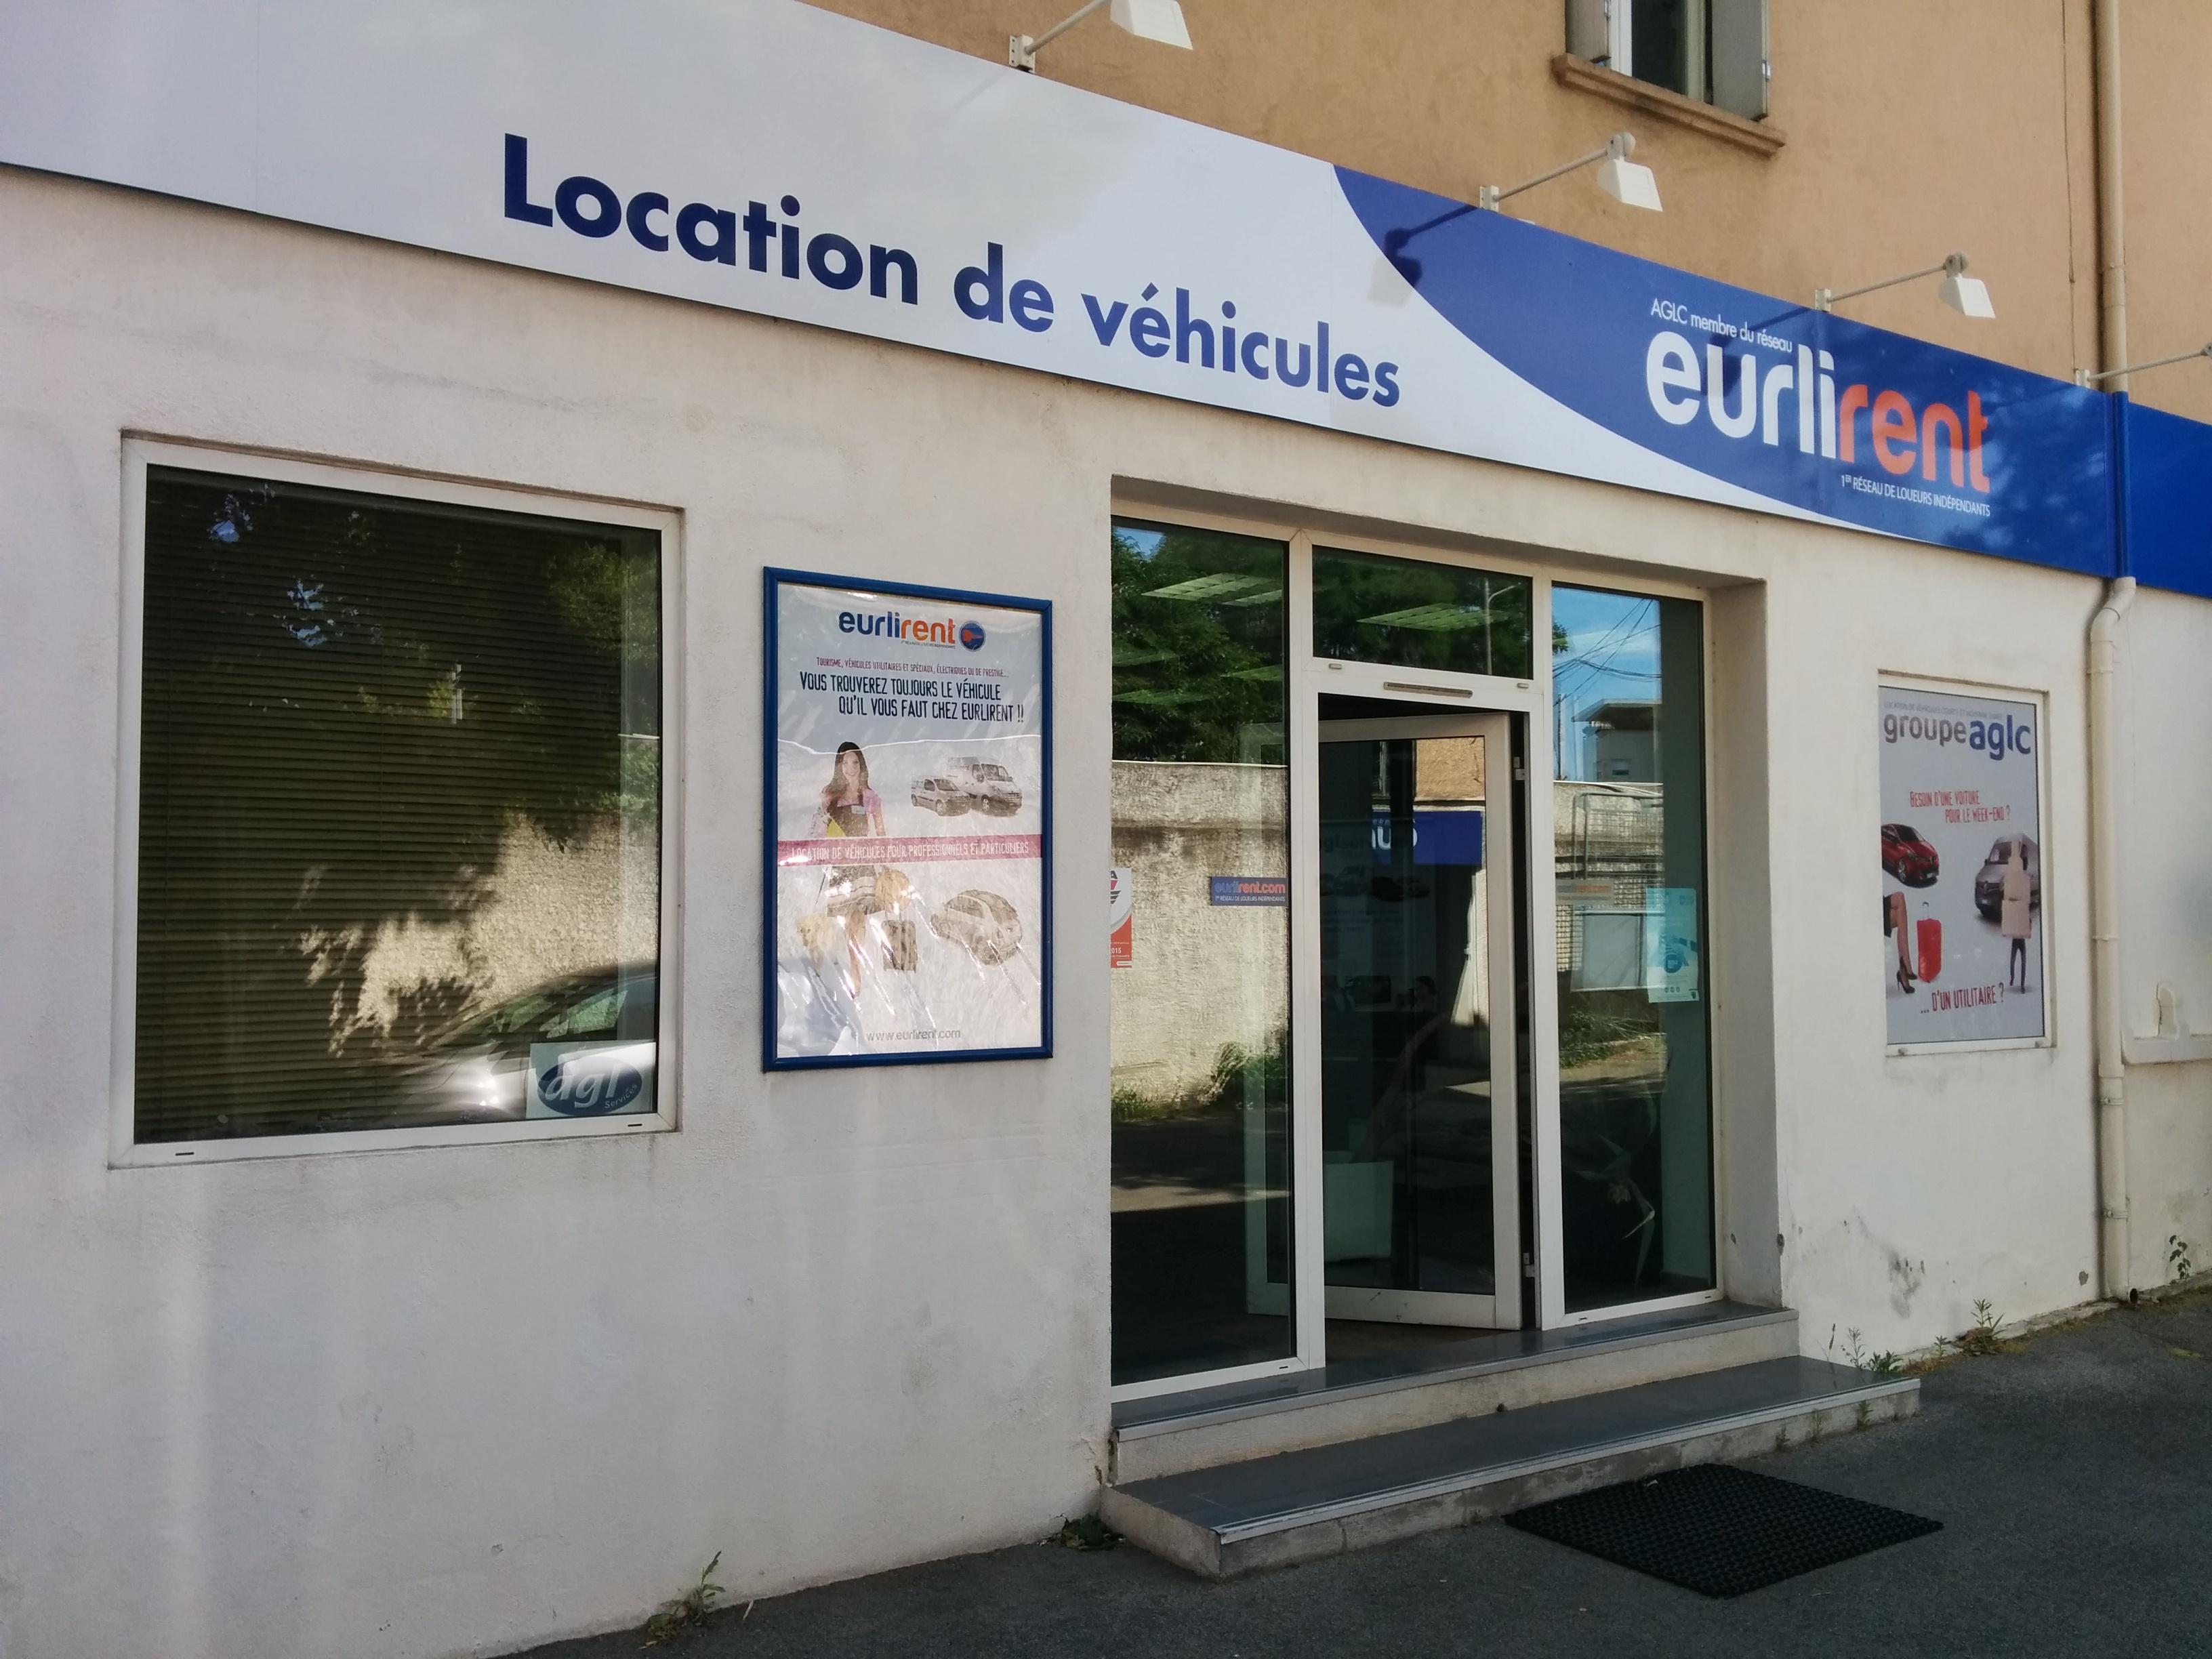 location vapour millehicules aix en provence tgv